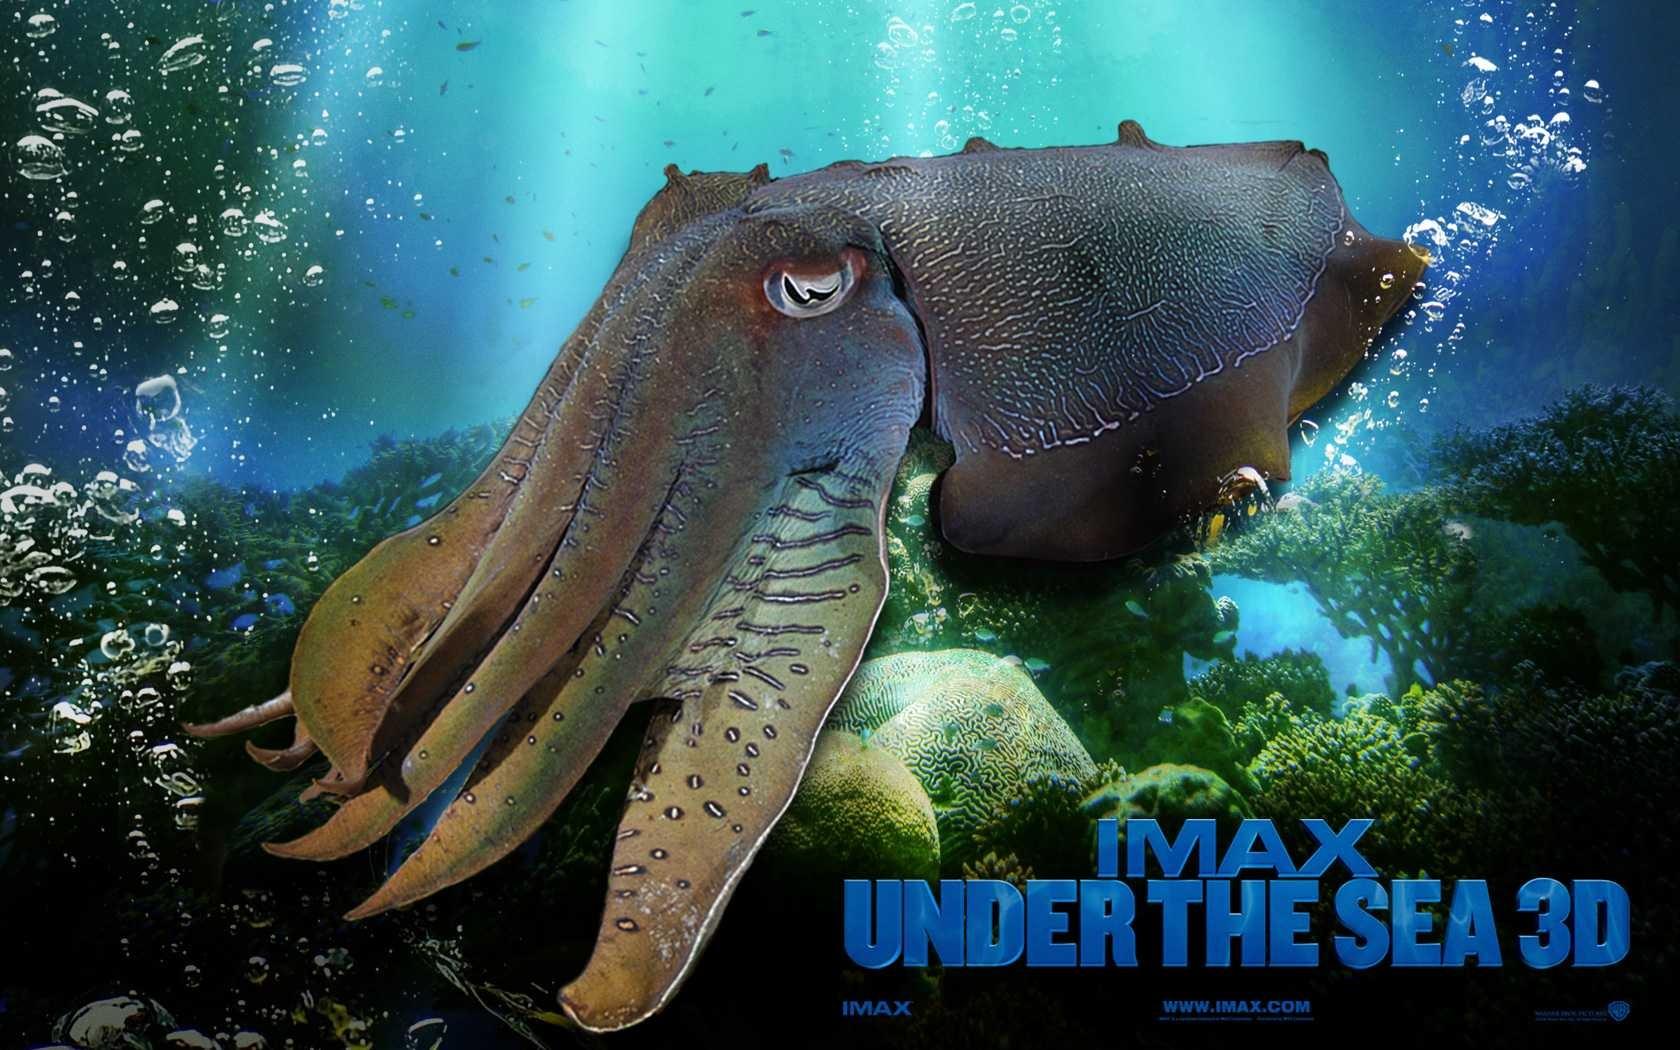 3d Wallpaper Hd 1680x1050: Under The Sea 3D HD Wallpaper #47